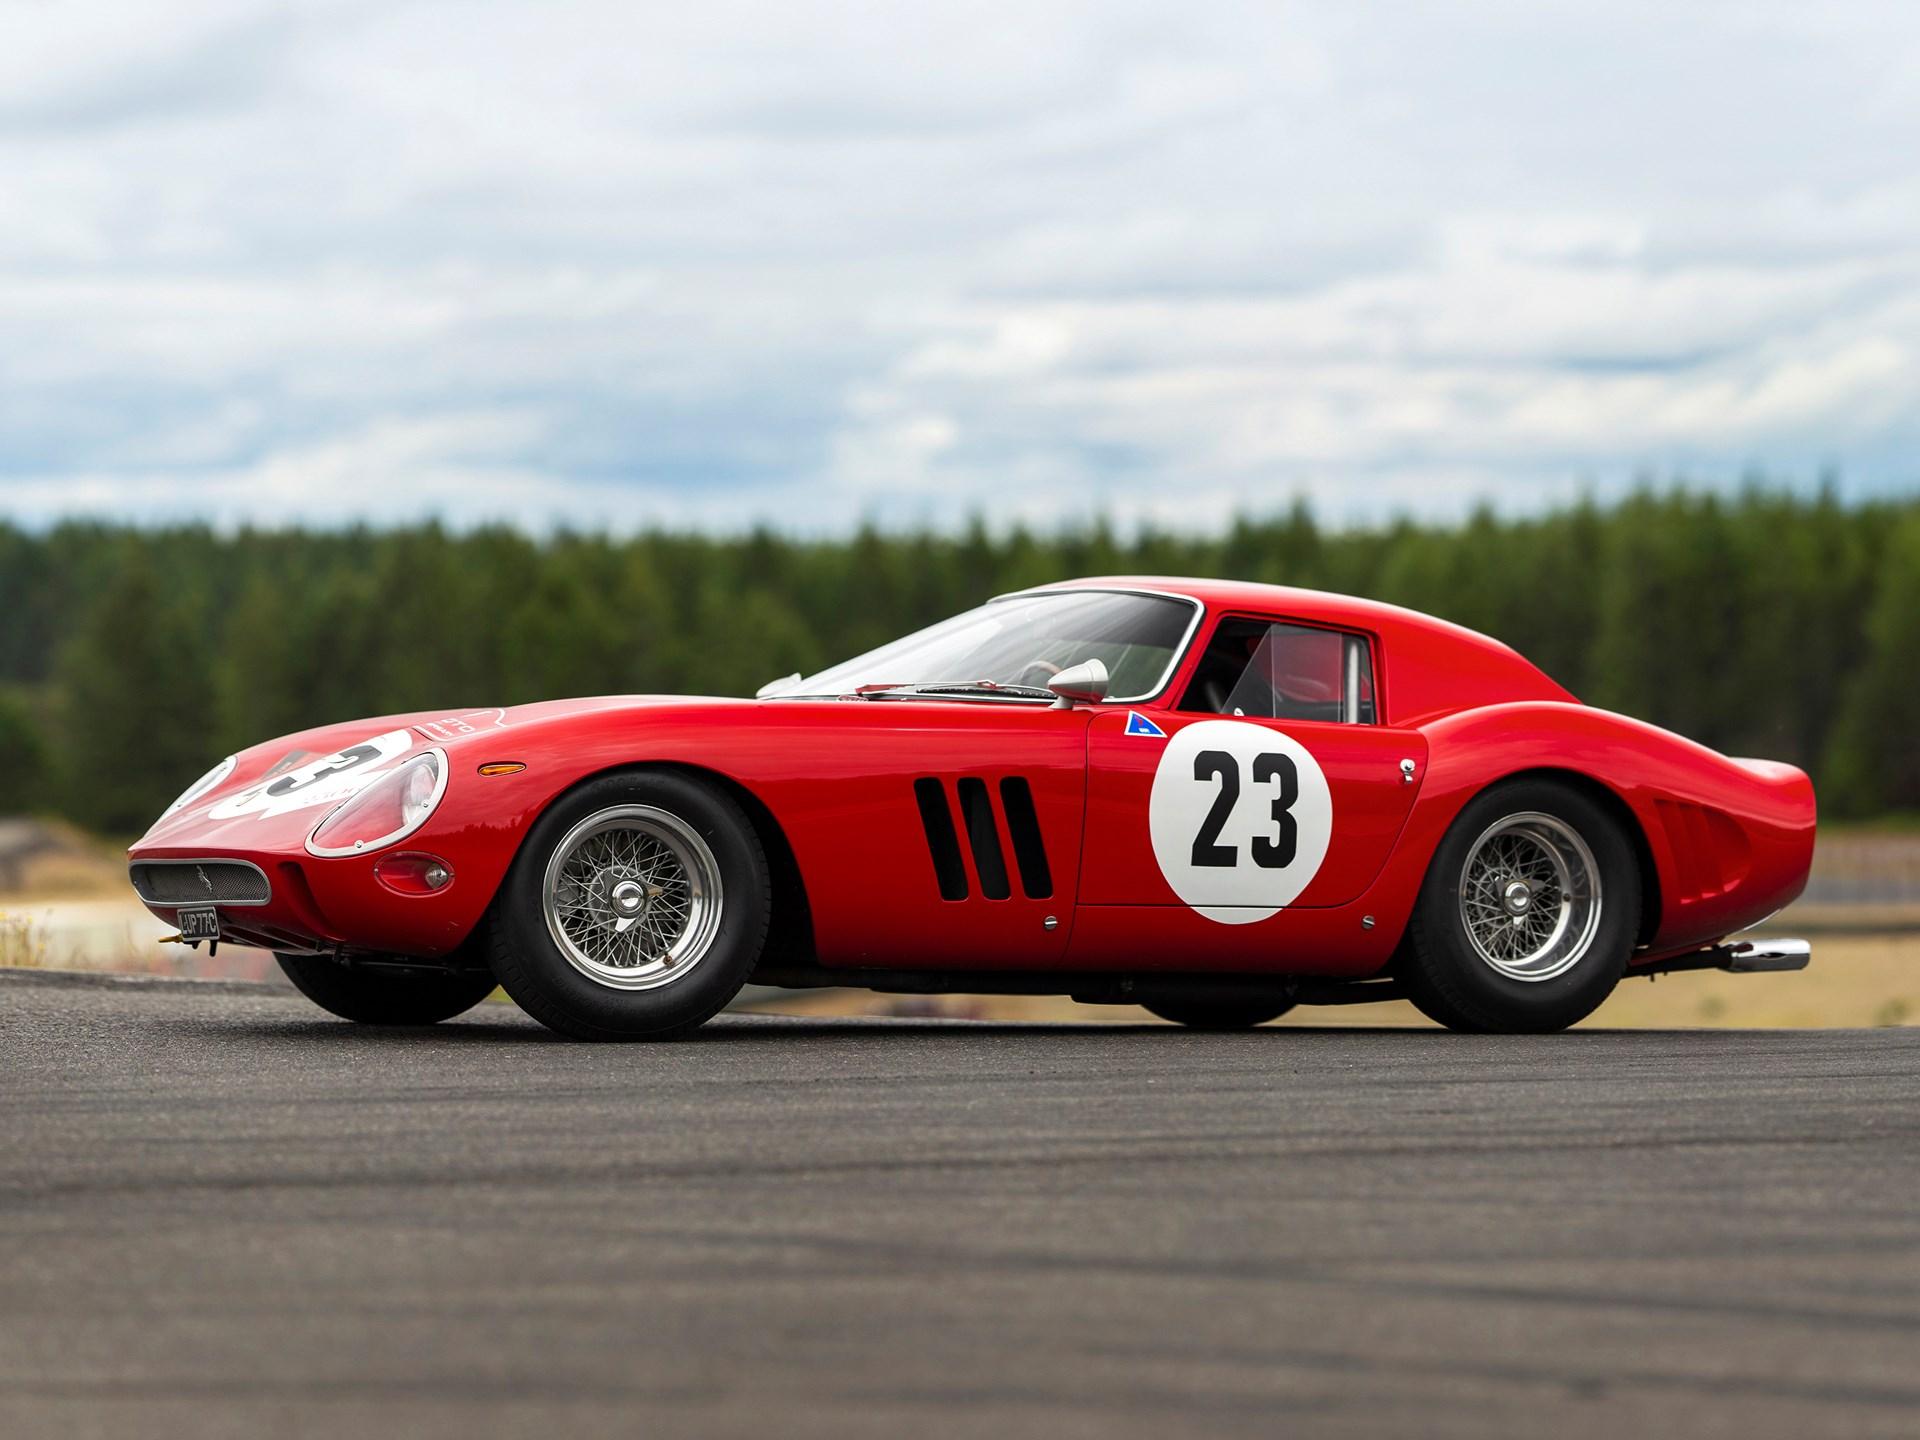 1962 Ferrari 250 GTO 3/4 front red